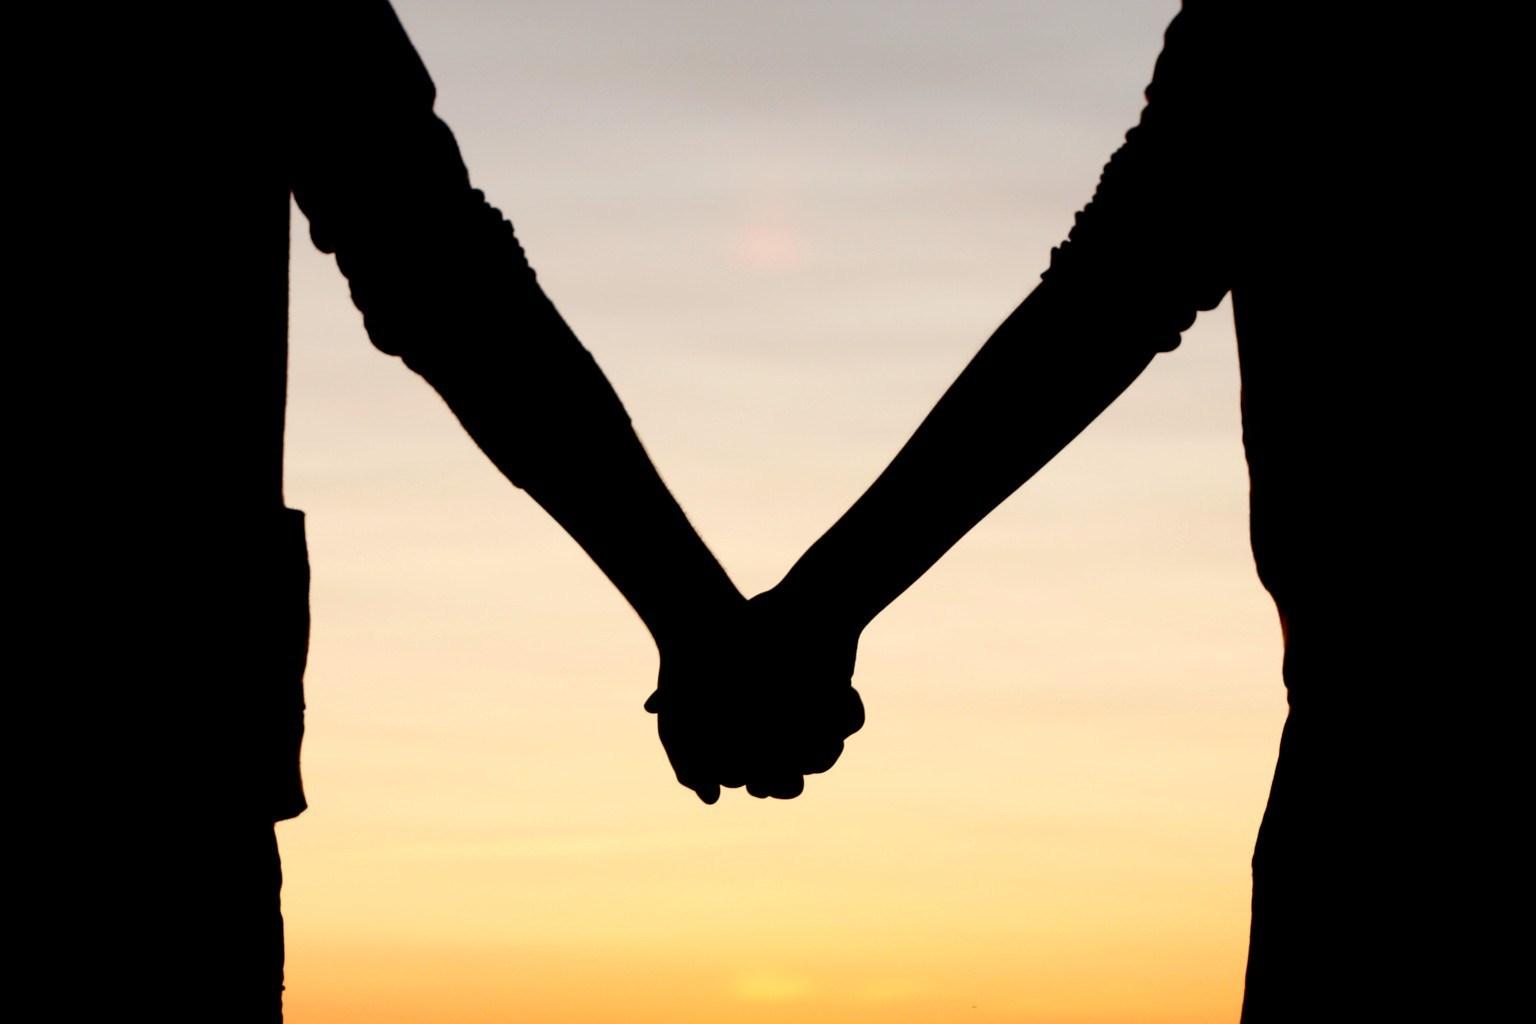 Hình ảnh cặp đôi yêu nhau nắm tay